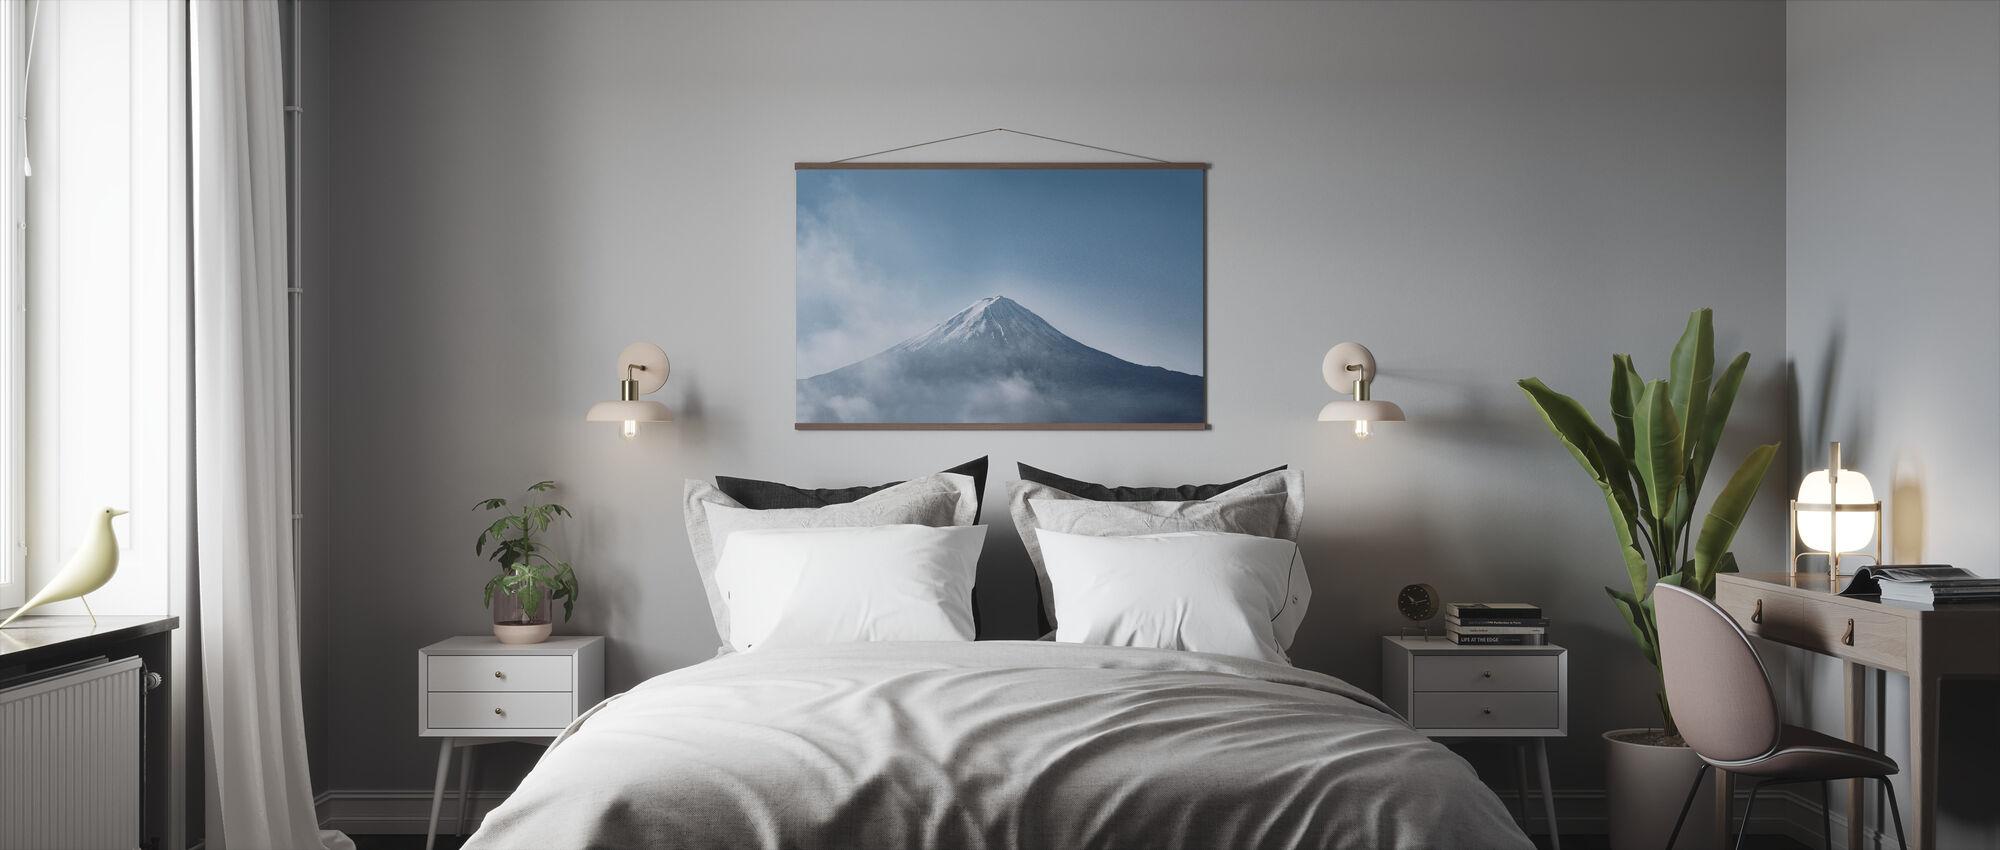 Mount Fuji - Poster - Bedroom